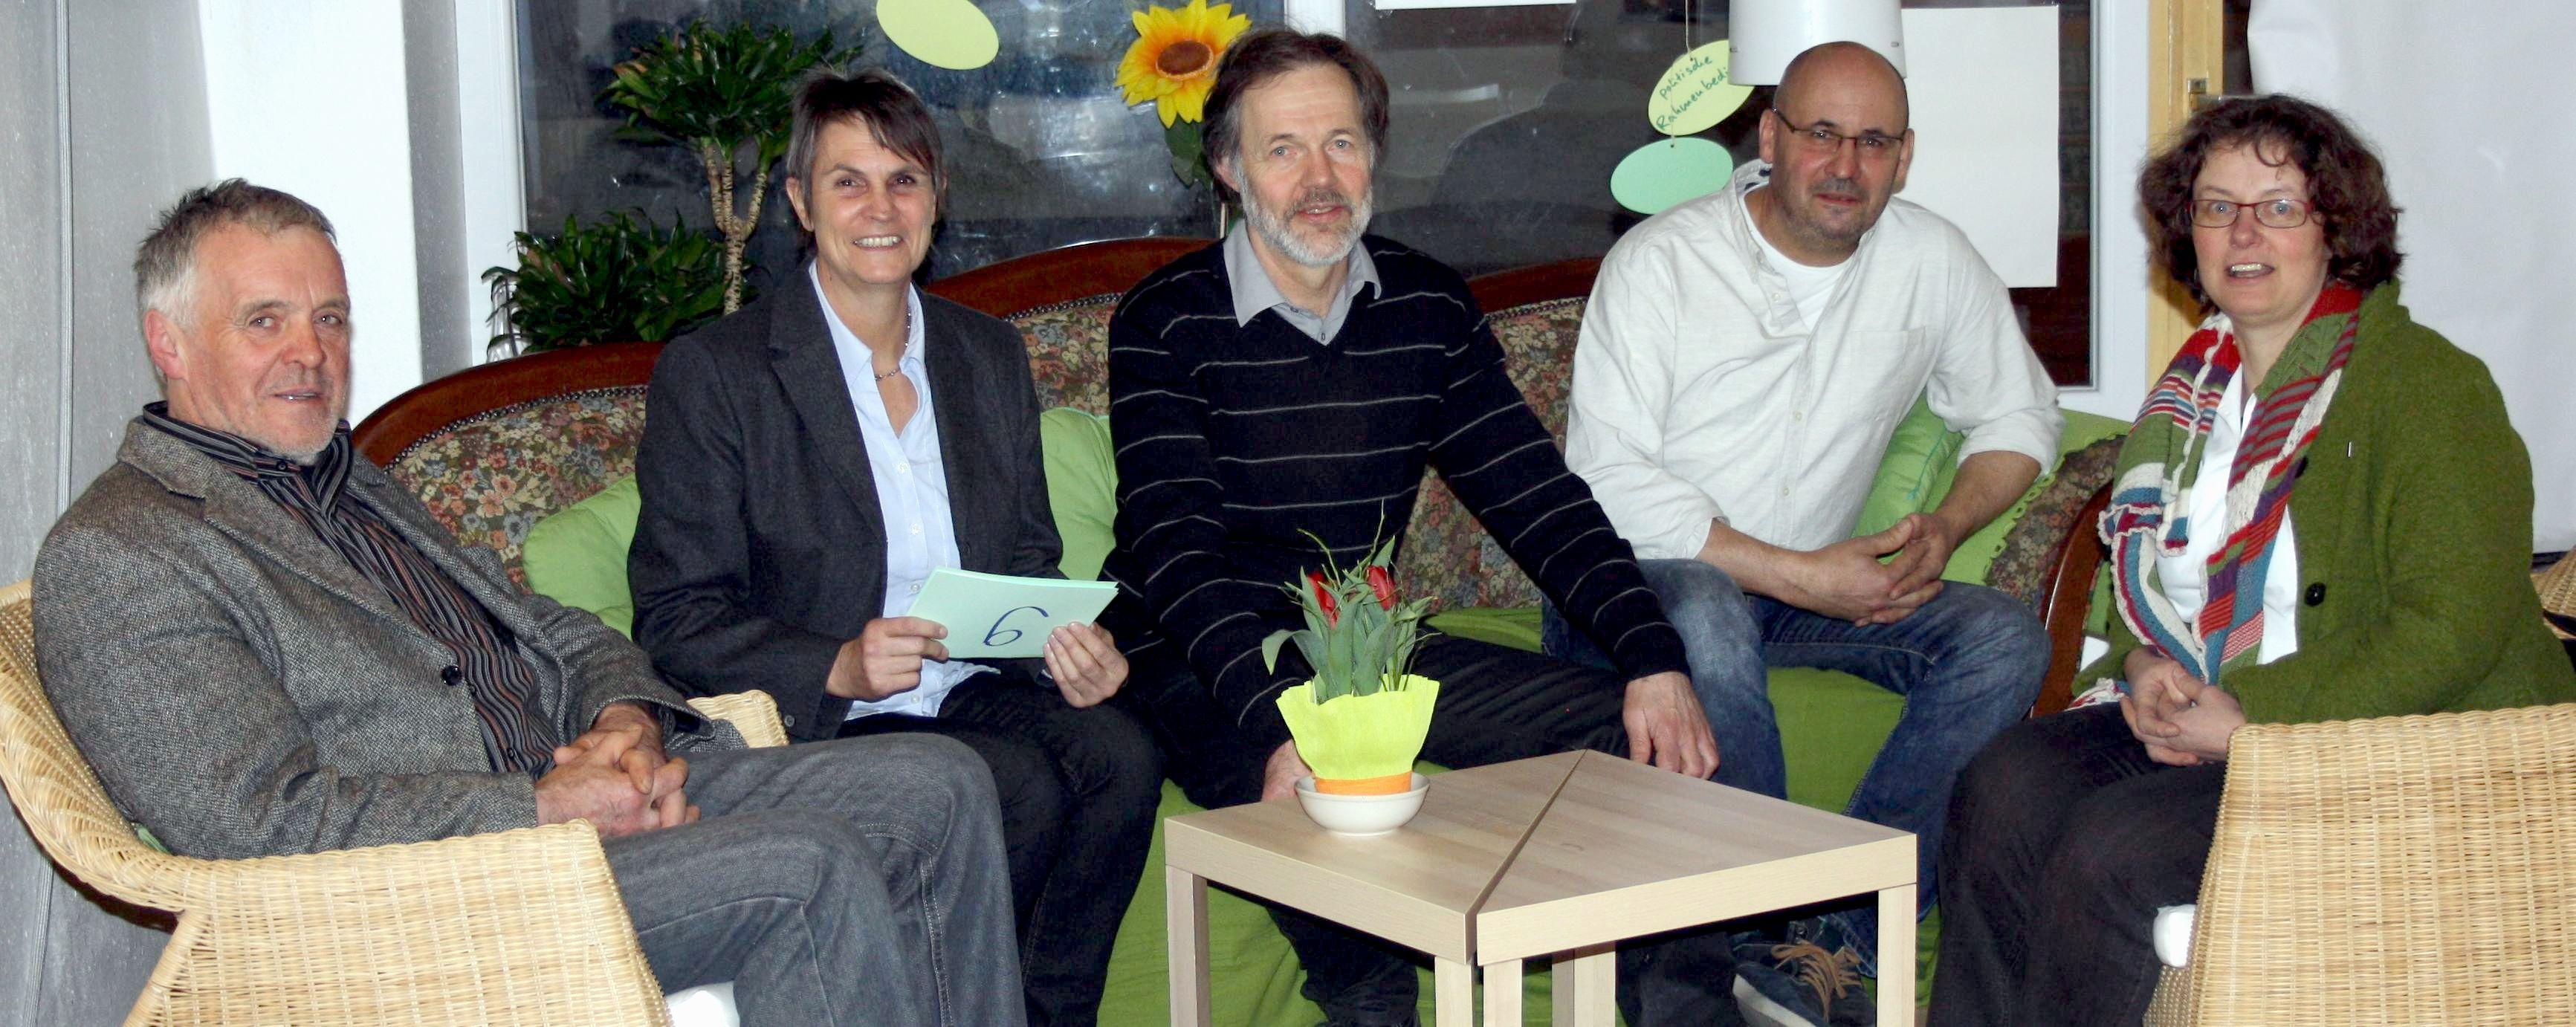 Rückblick Podiumsdiskussion 28.2.2014